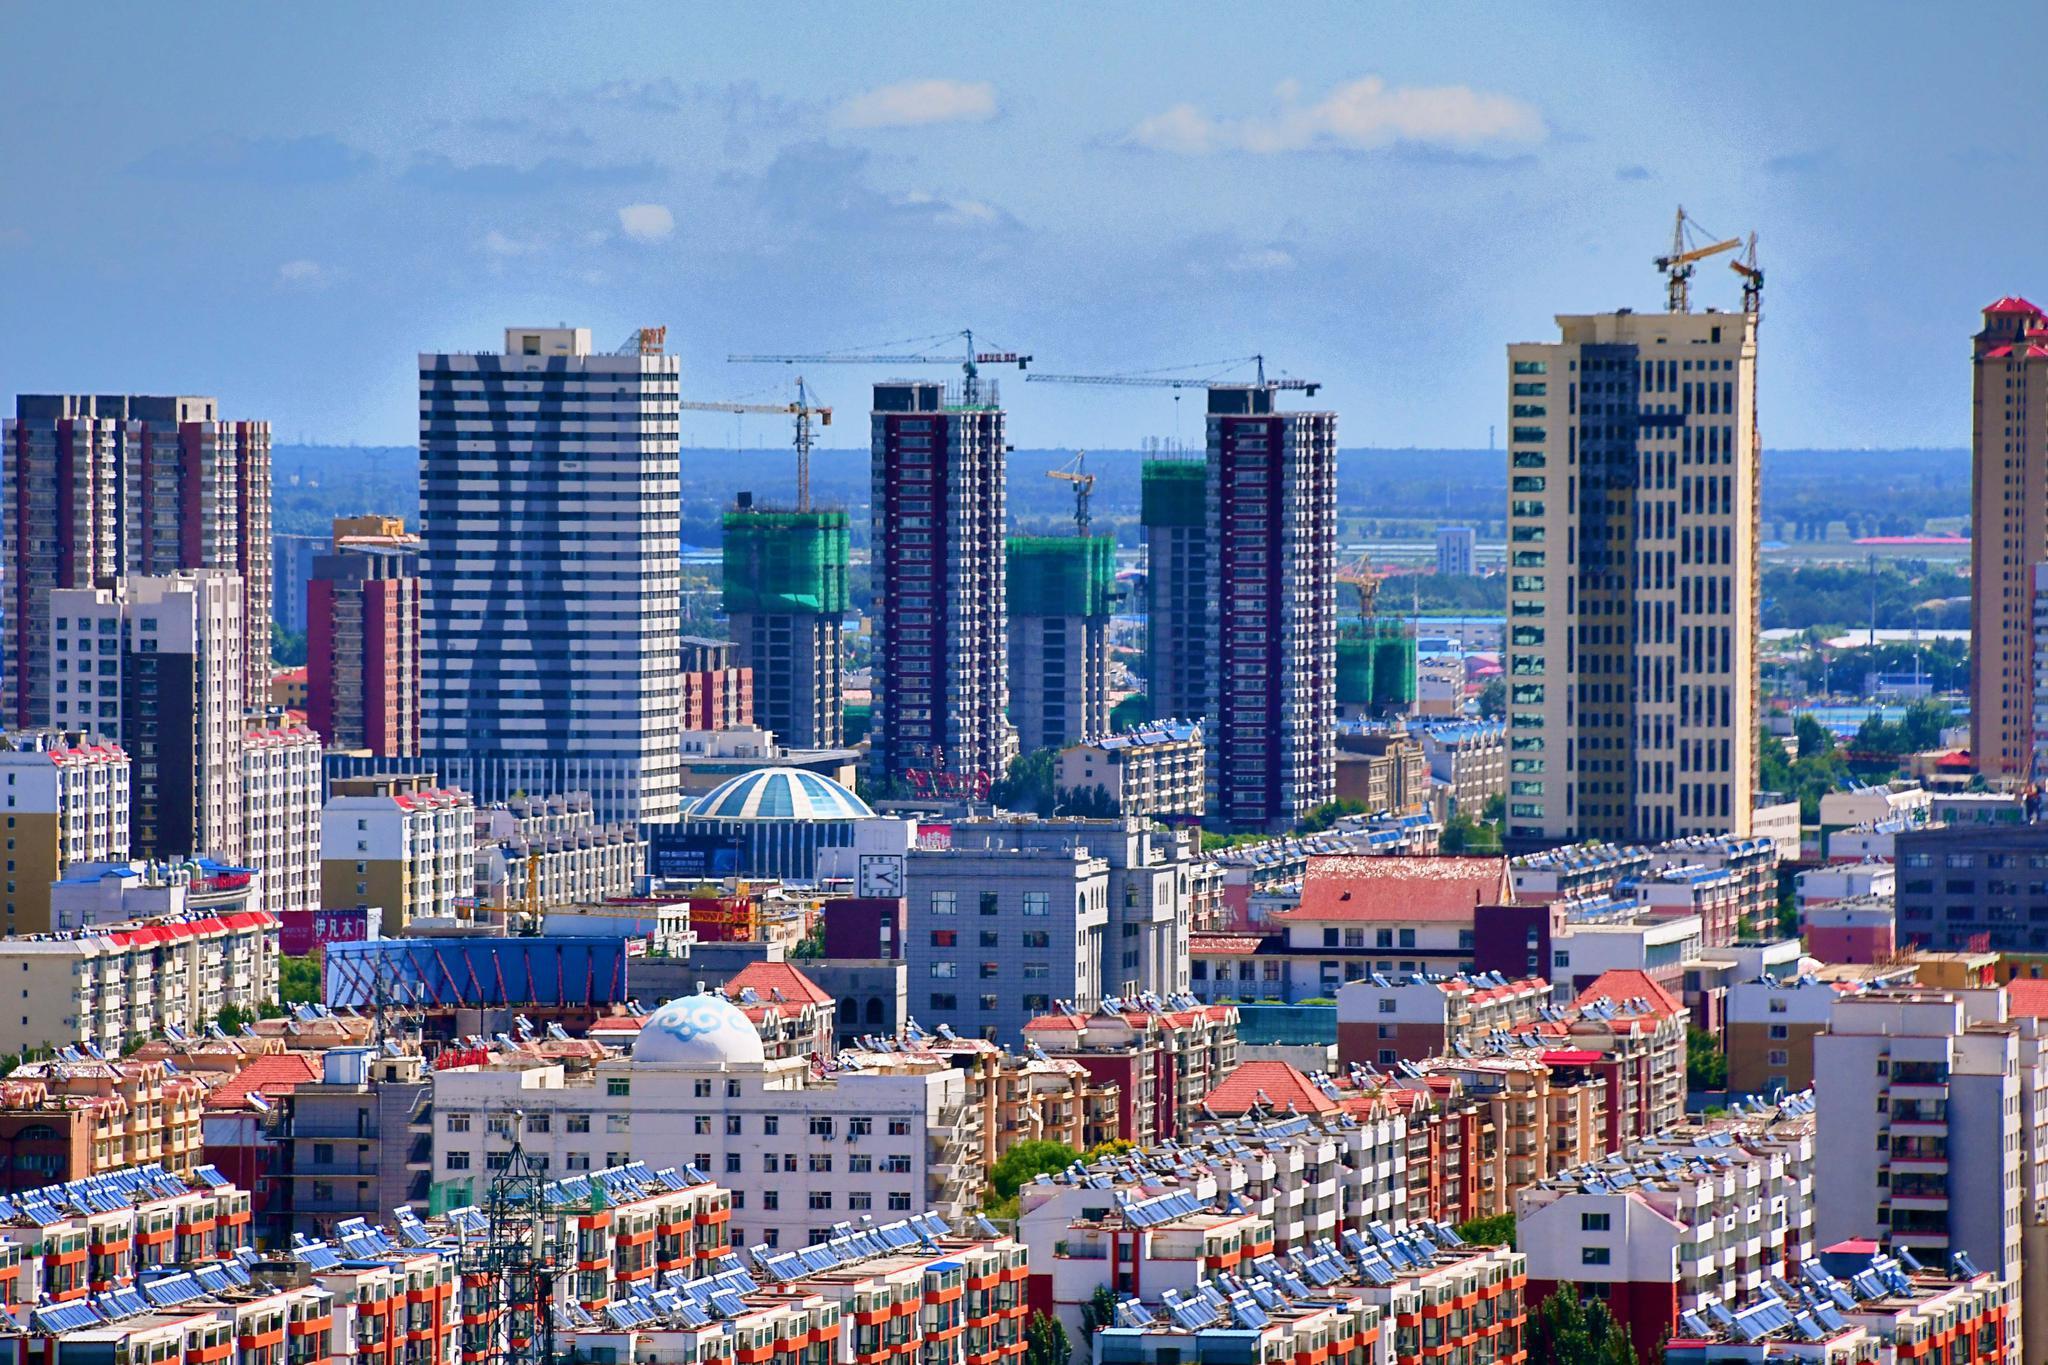 俯瞰通辽市楼群建筑,原创拍摄